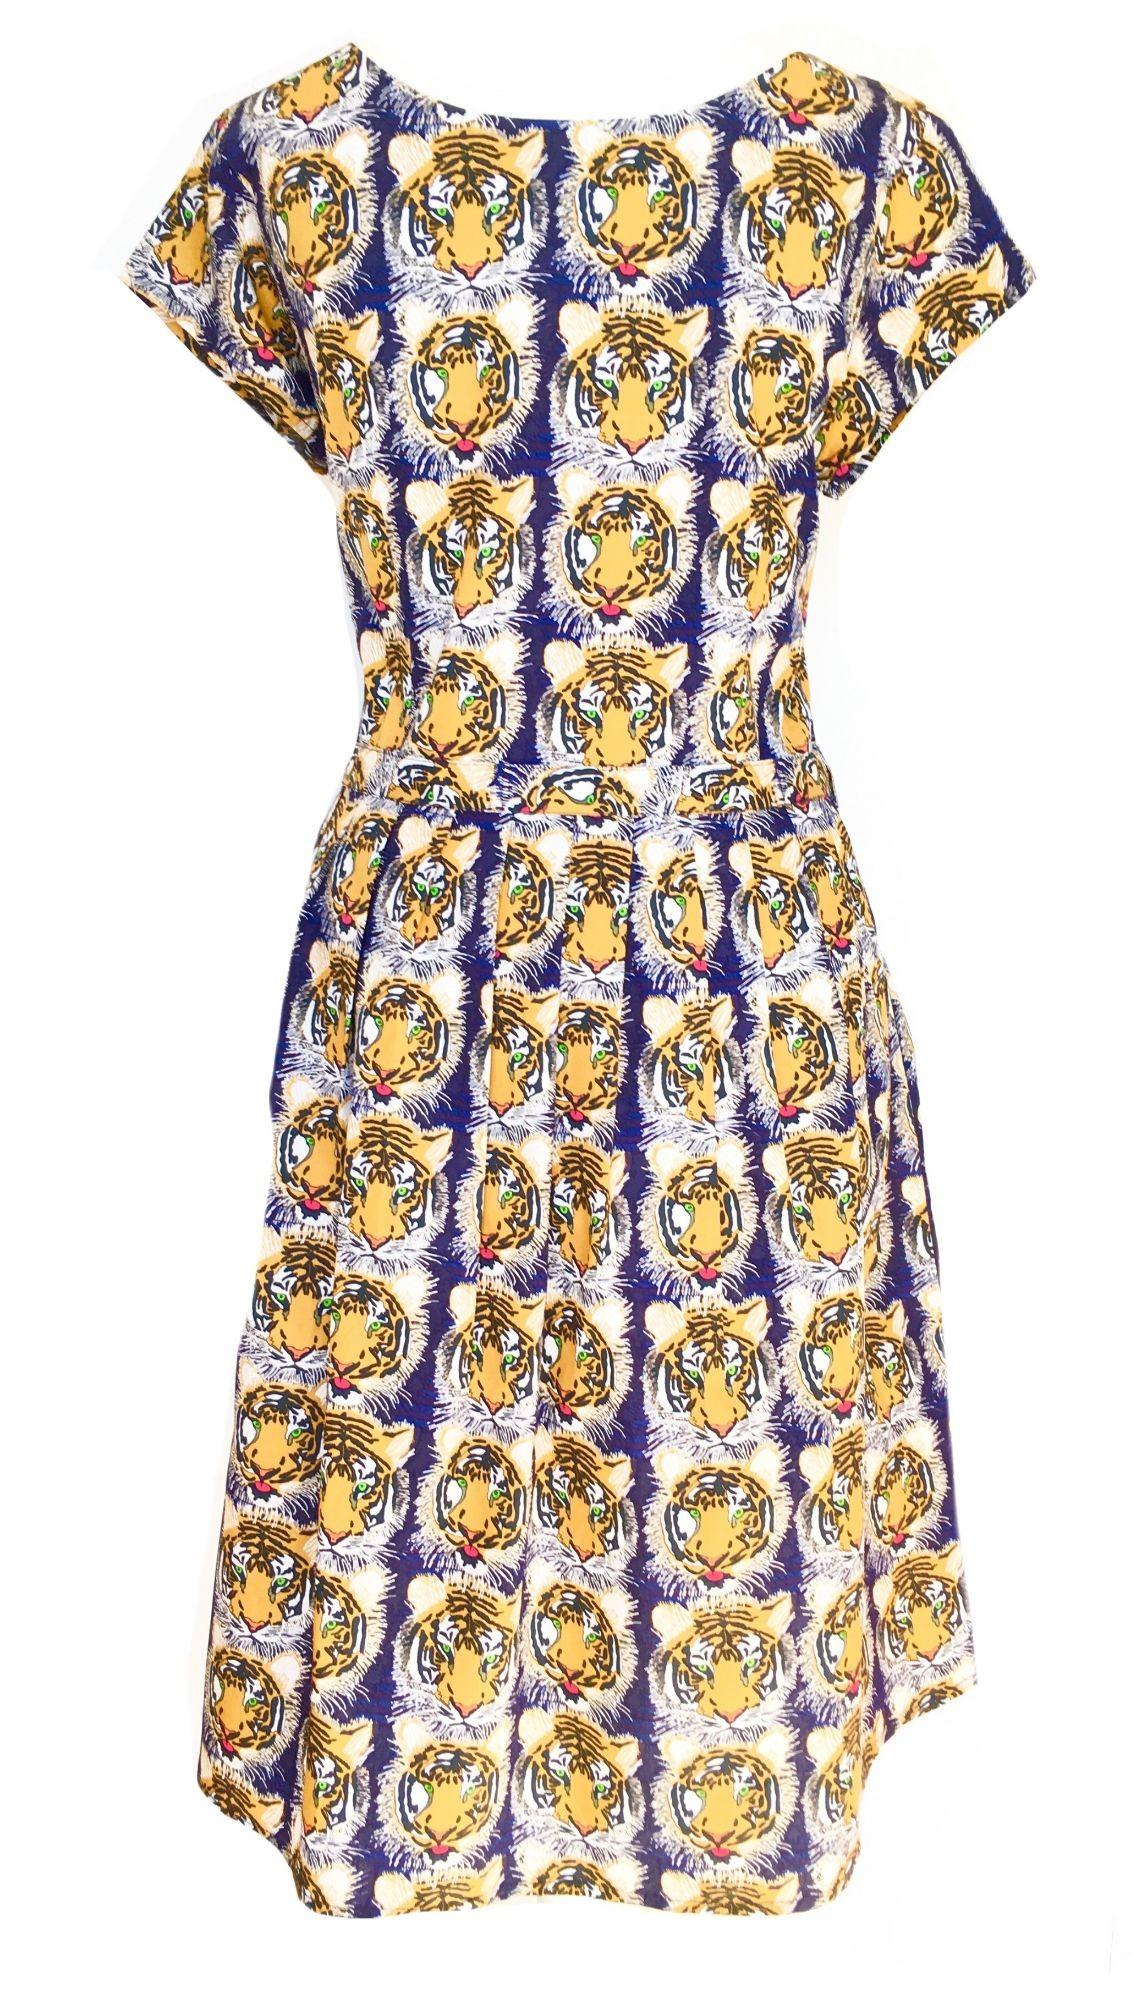 Tiger Print Prom Dress